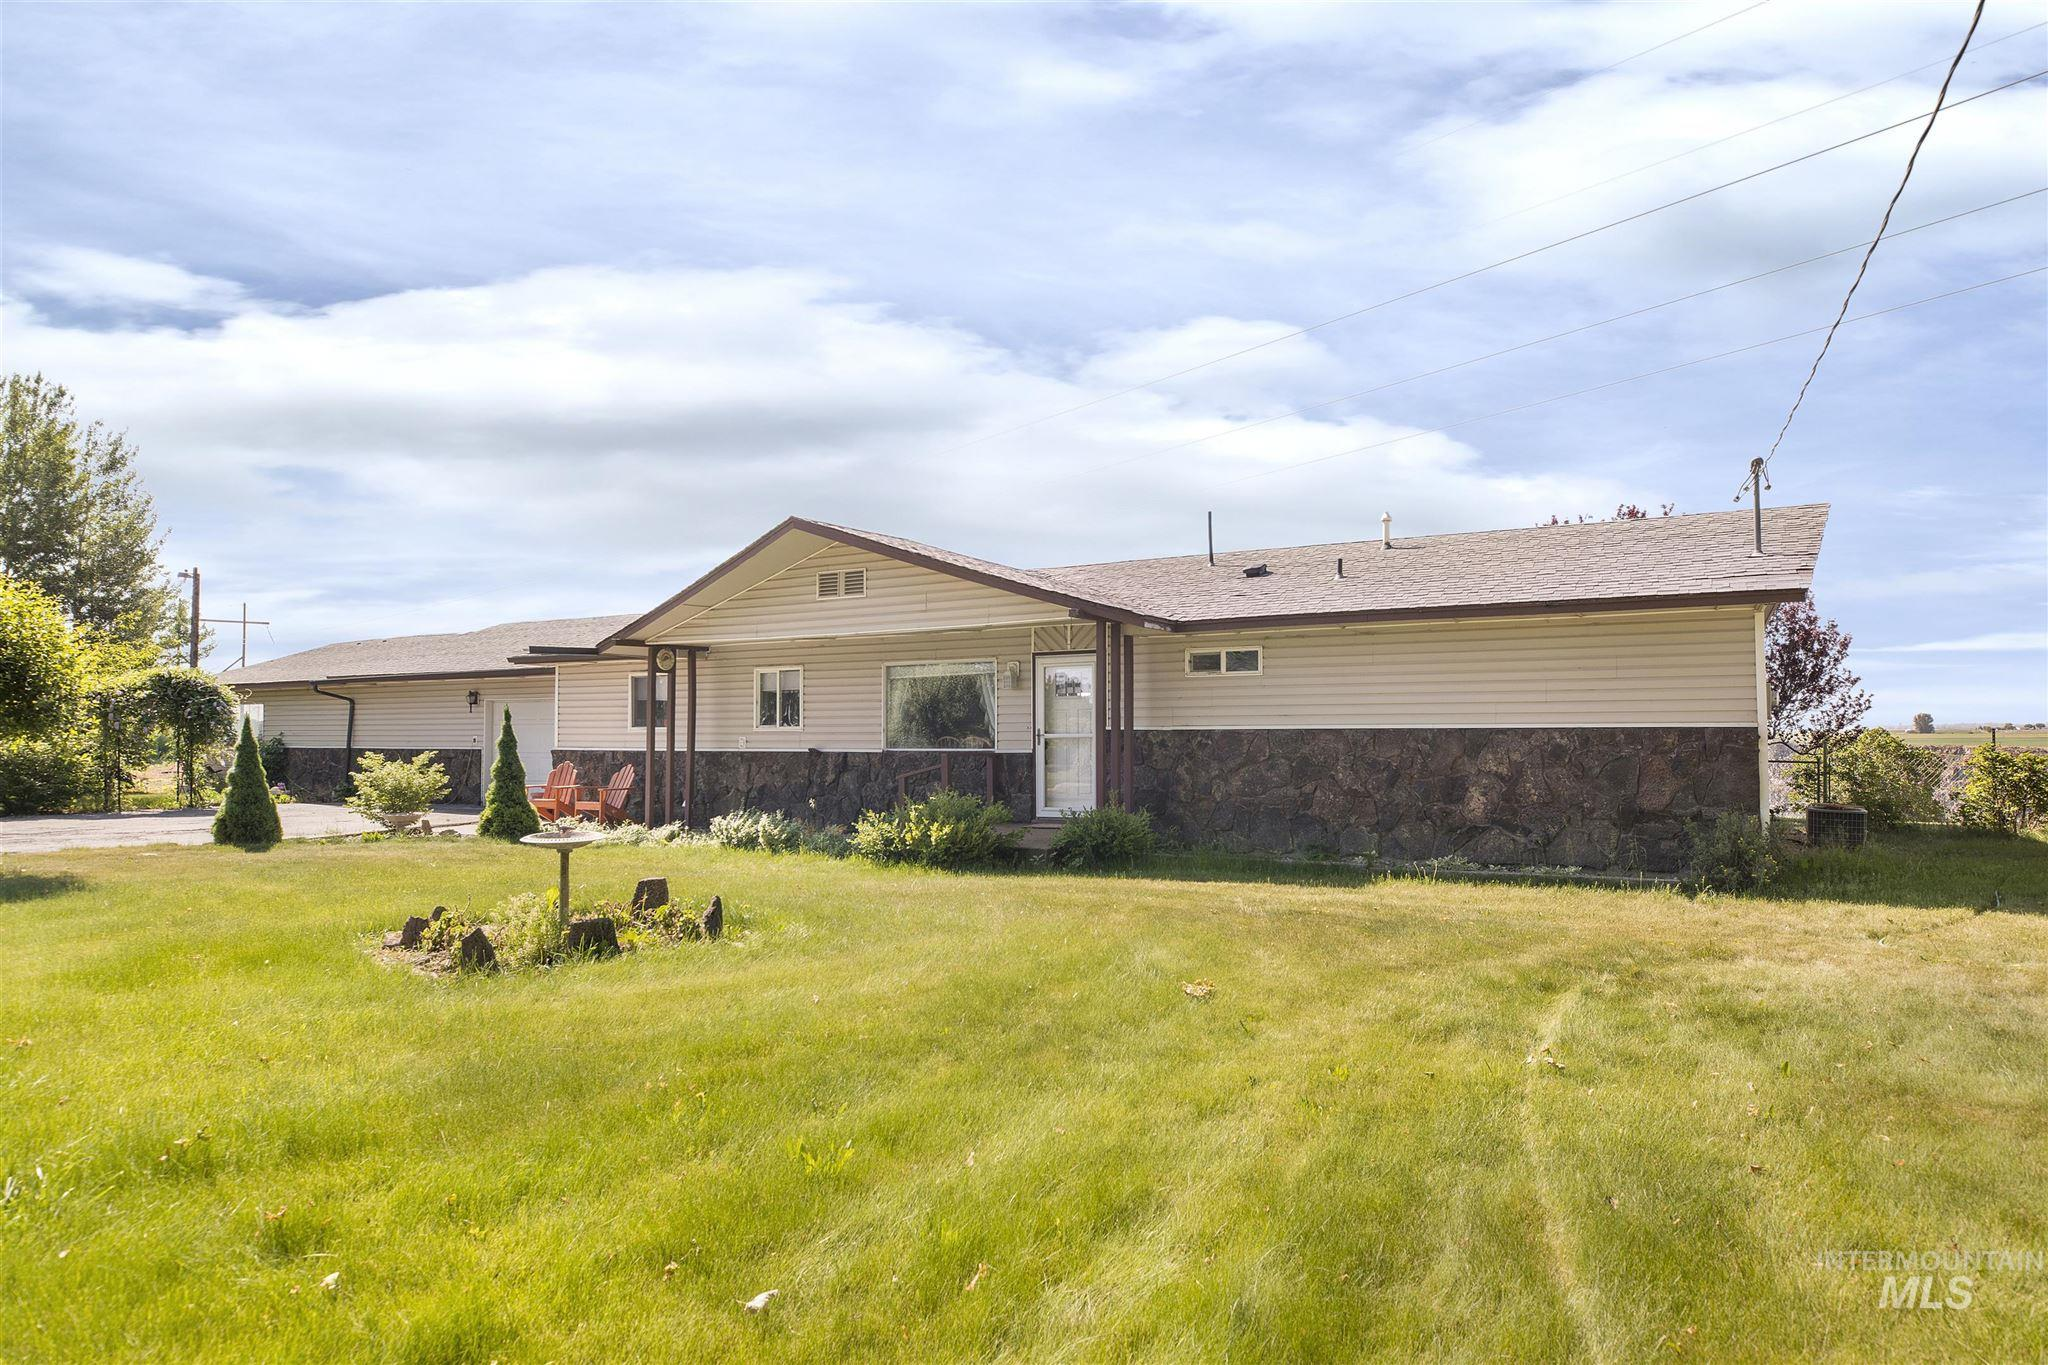 153 W 580 South Property Photo 1